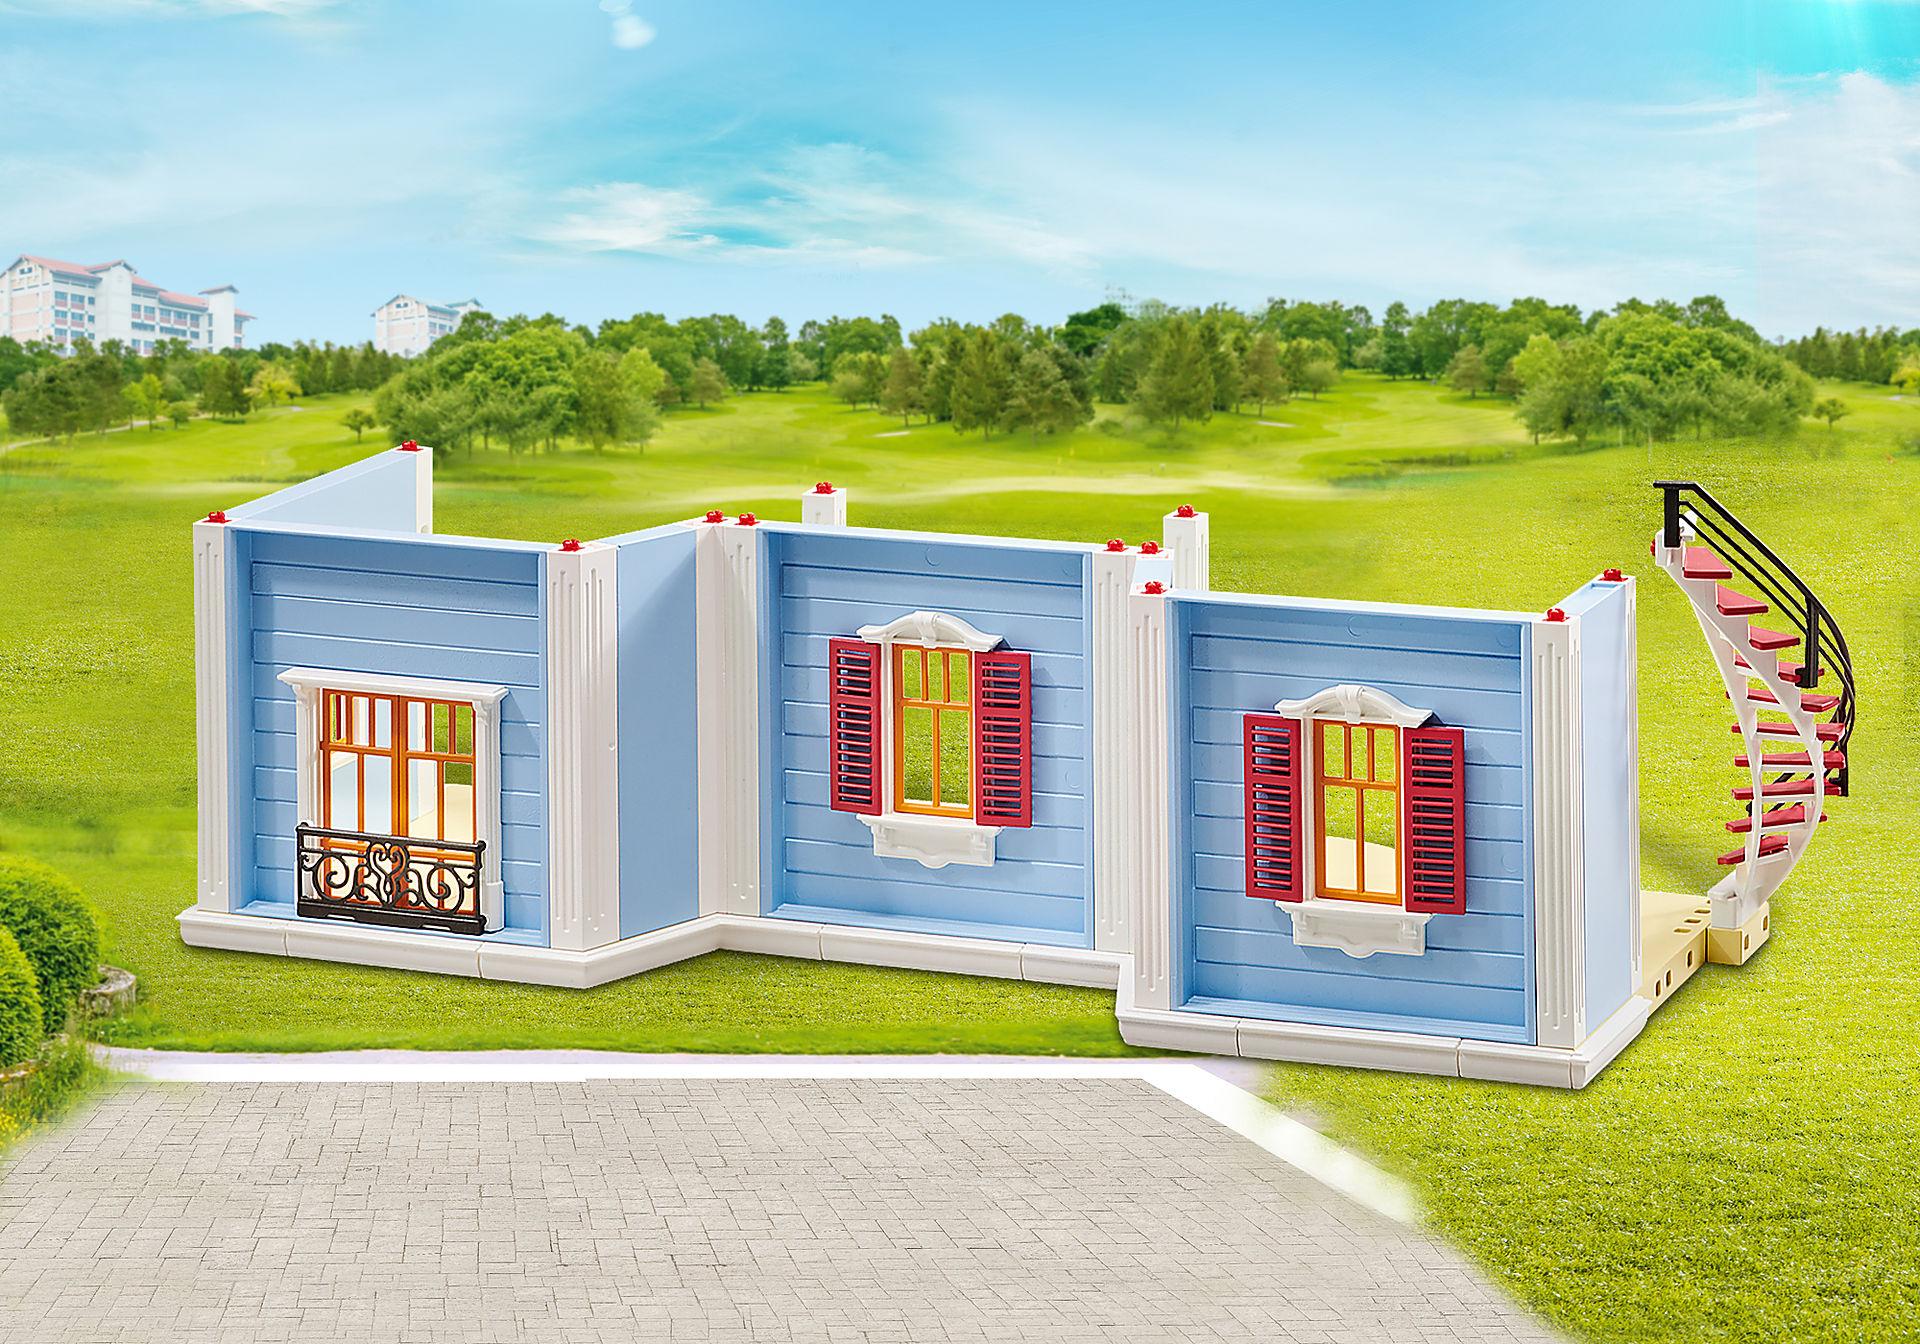 9849 Etage supplémentaire pour Grande maison traditionnelle zoom image1